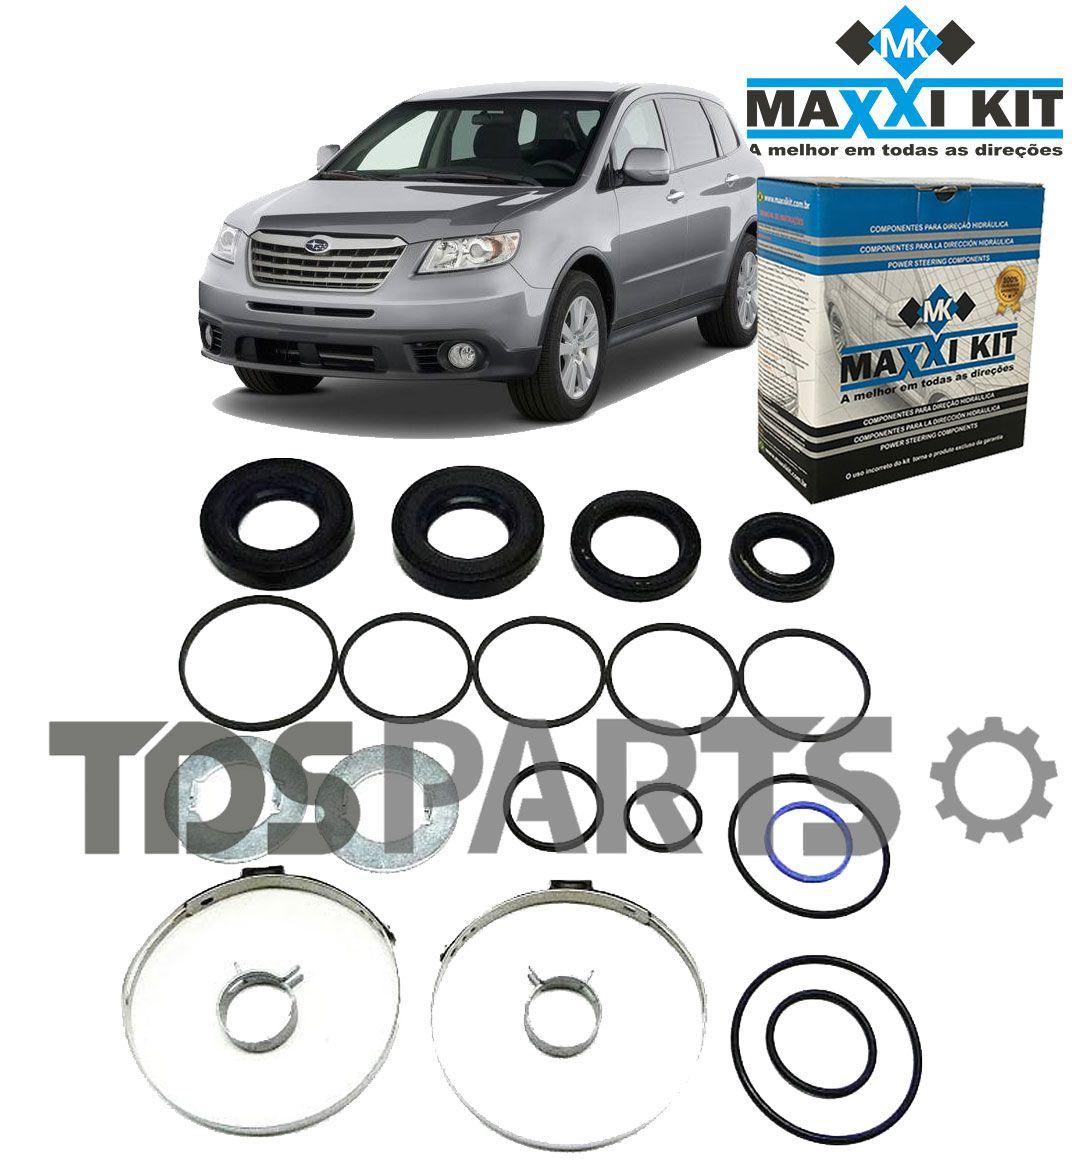 Reparo Caixa de Direção Hidráulica Subaru Tribeca